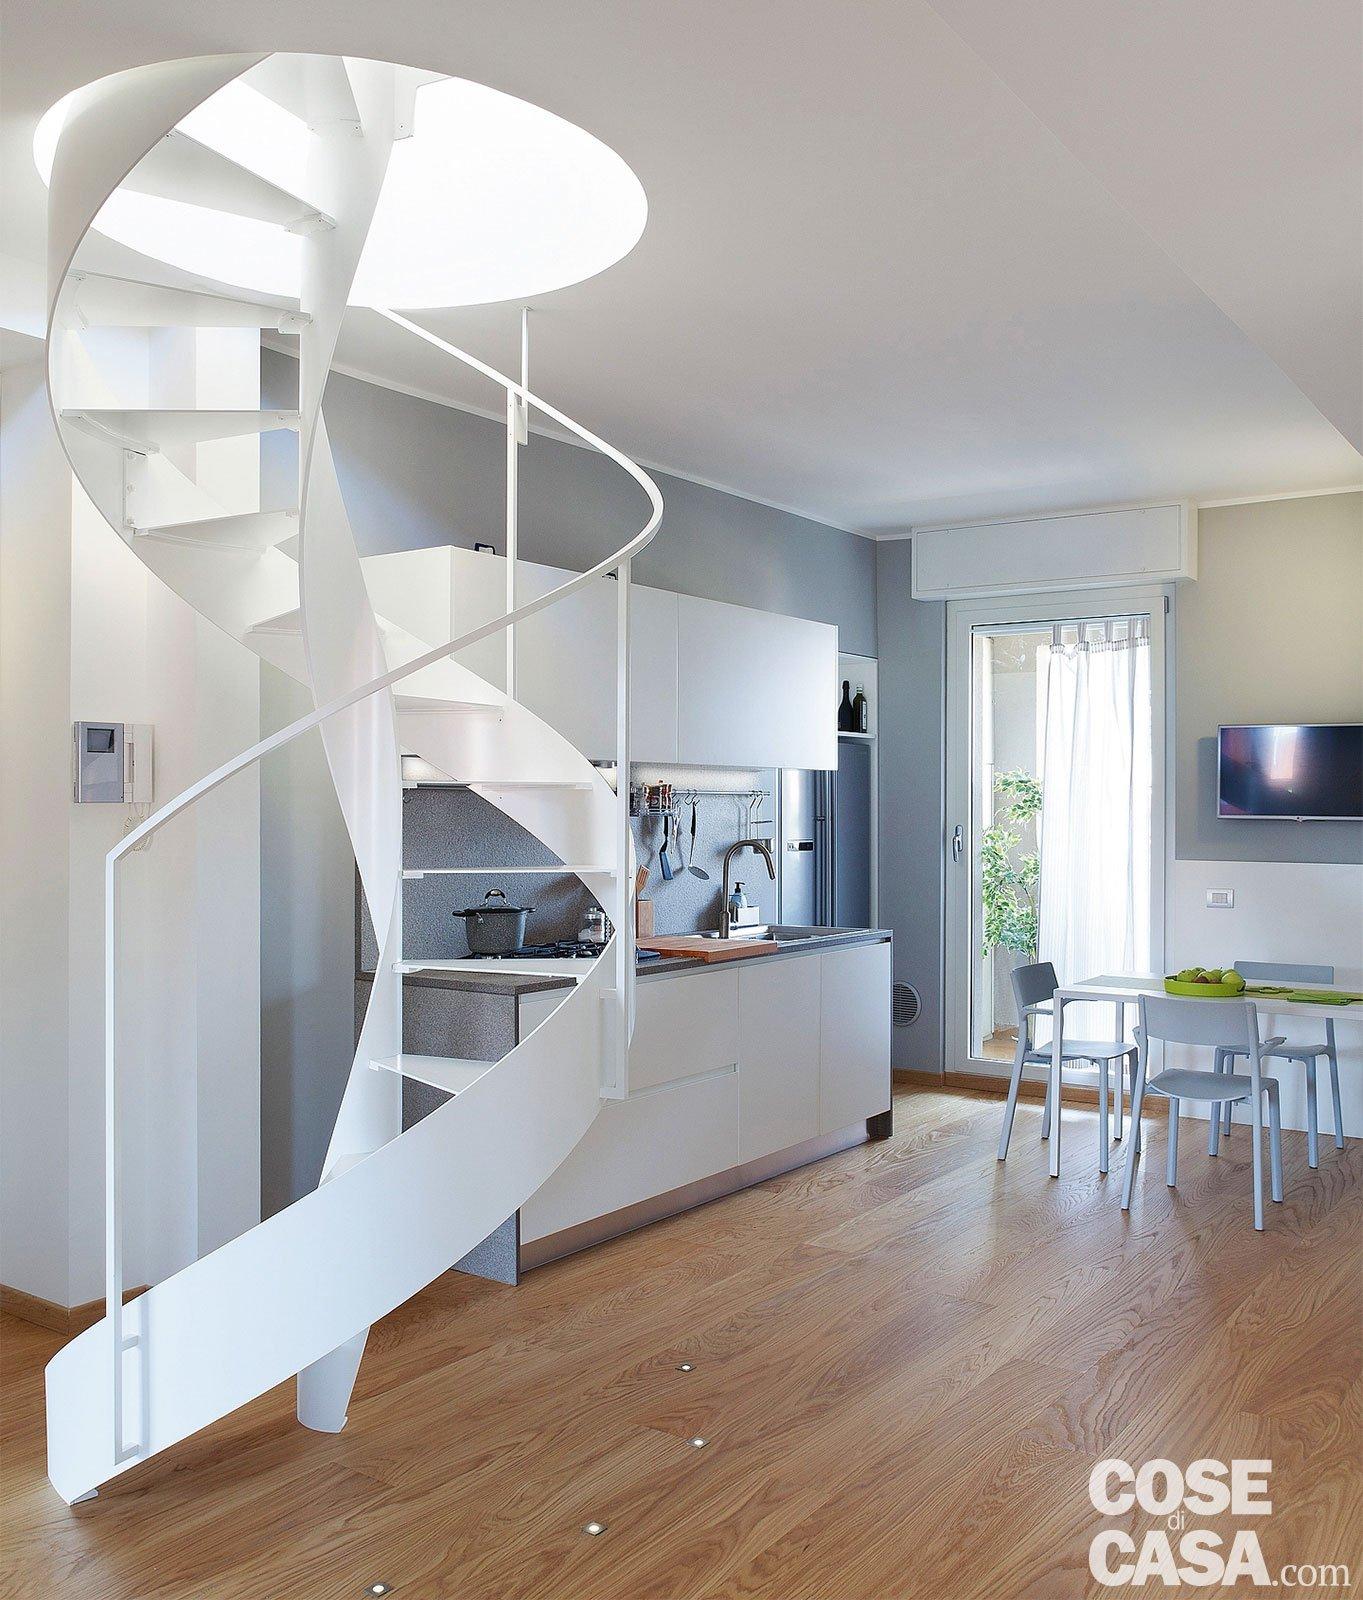 Cucina a vista sul soggiorno nel sottotetto con terrazzi a - Cucina piu soggiorno ...